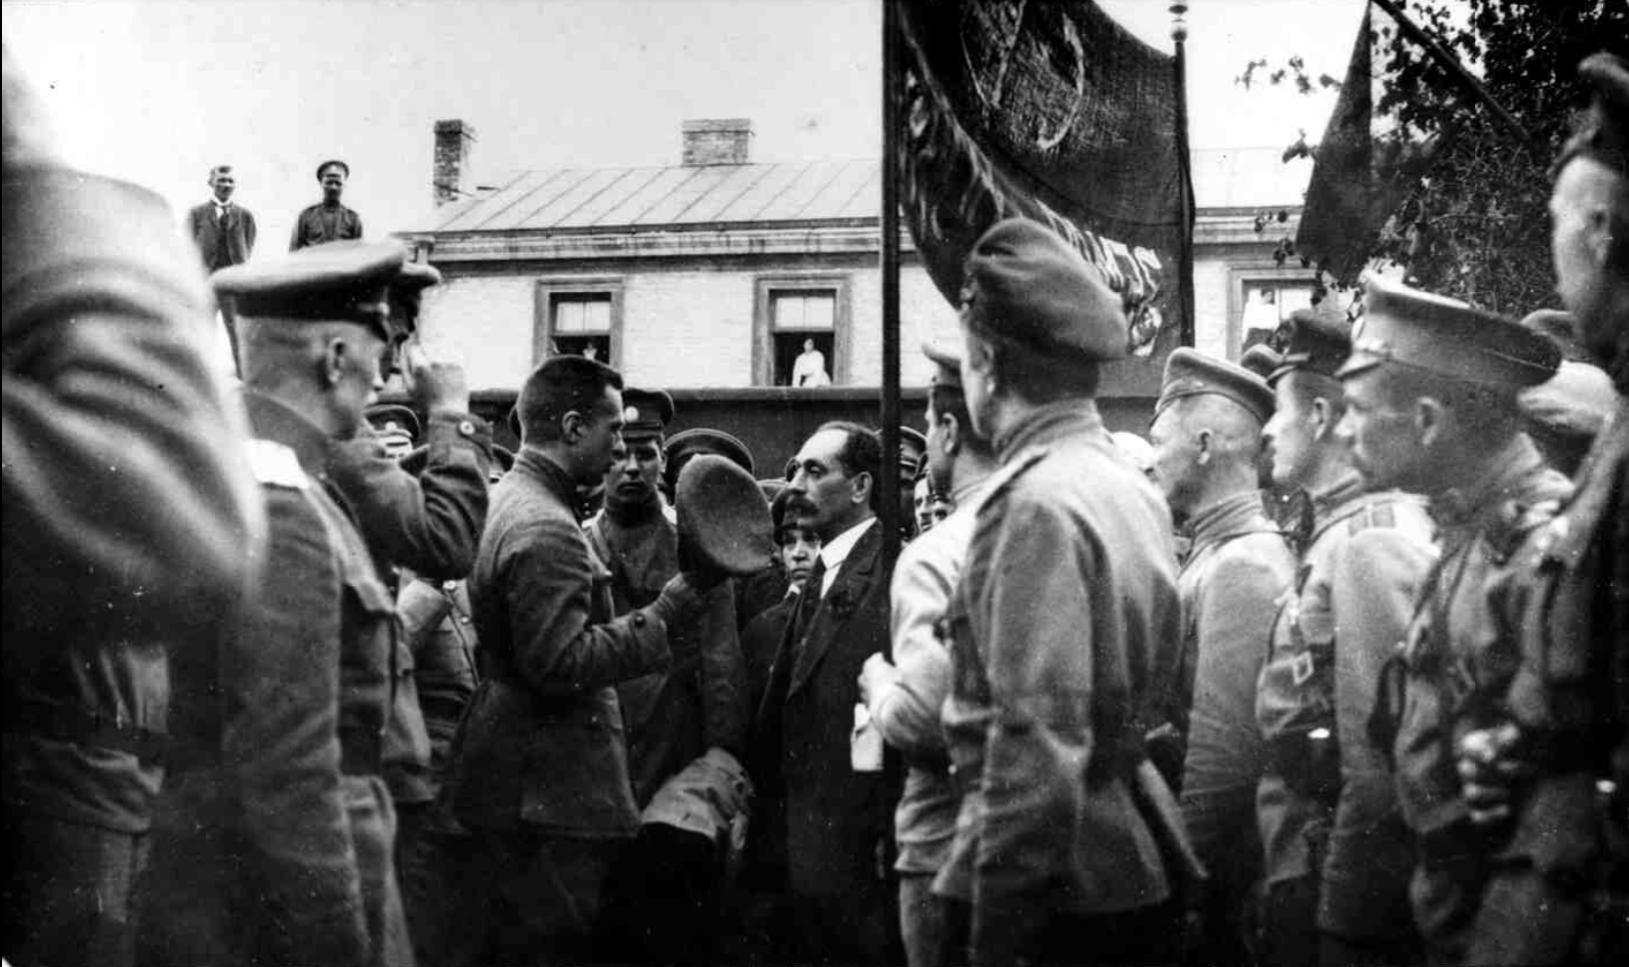 Военный министр Временного правительства А. Ф. Керенский среди членов штаба Юго-Западного фронта. Юго-Западный фронт, май 1917.